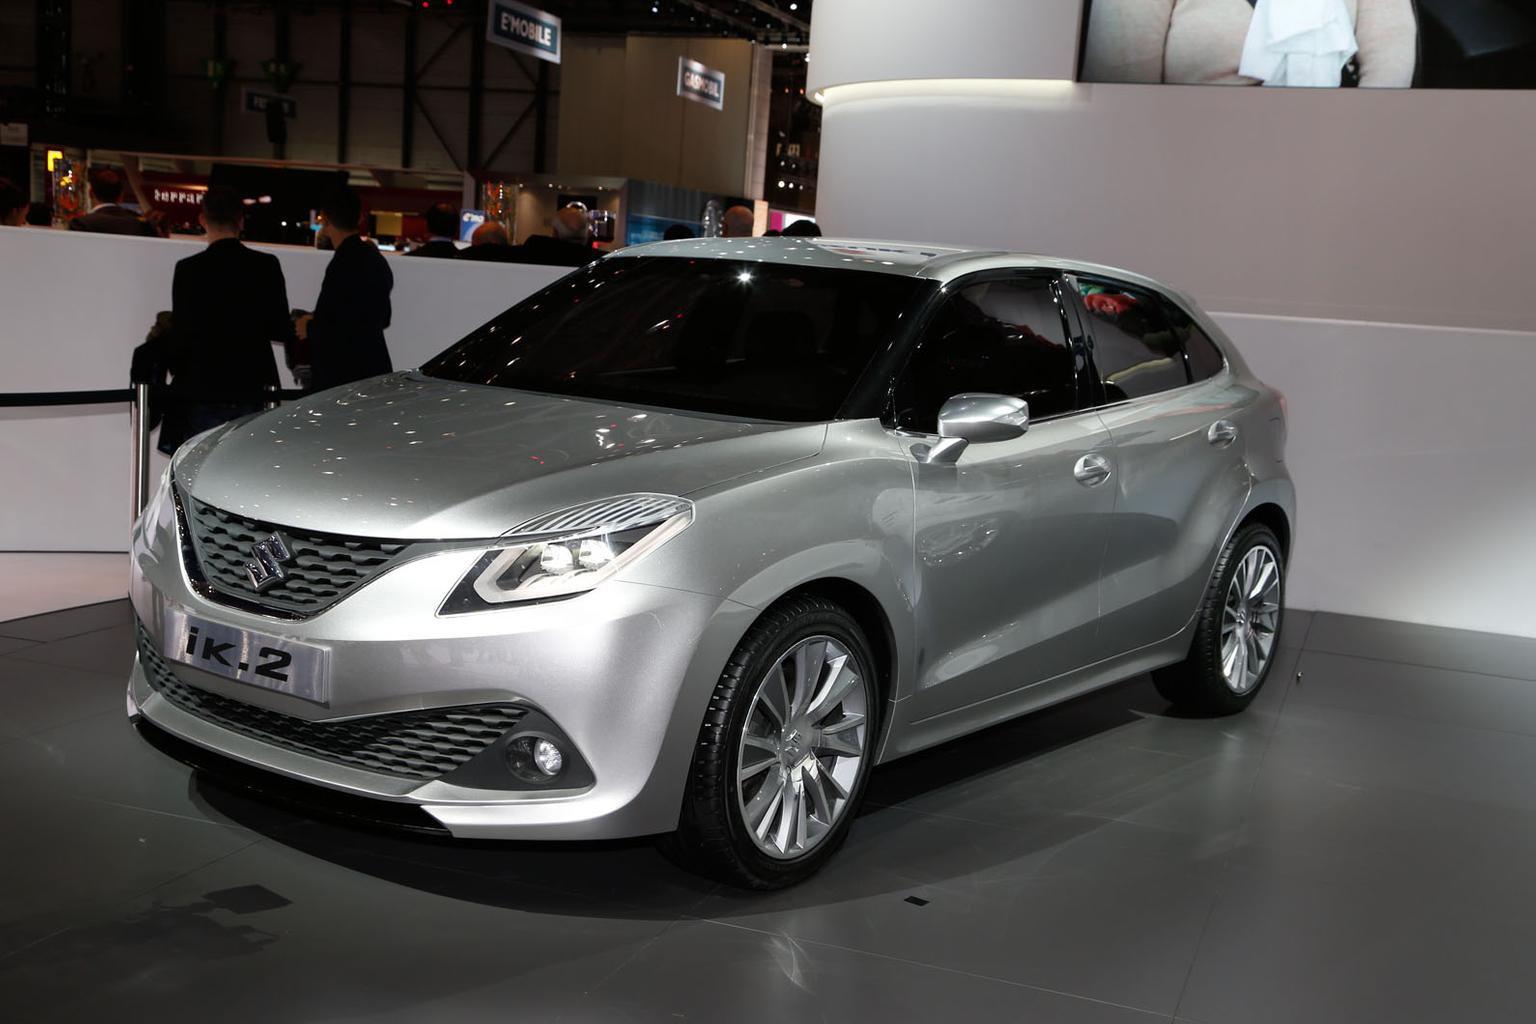 Suzuki iK-2 concept previews new supermini